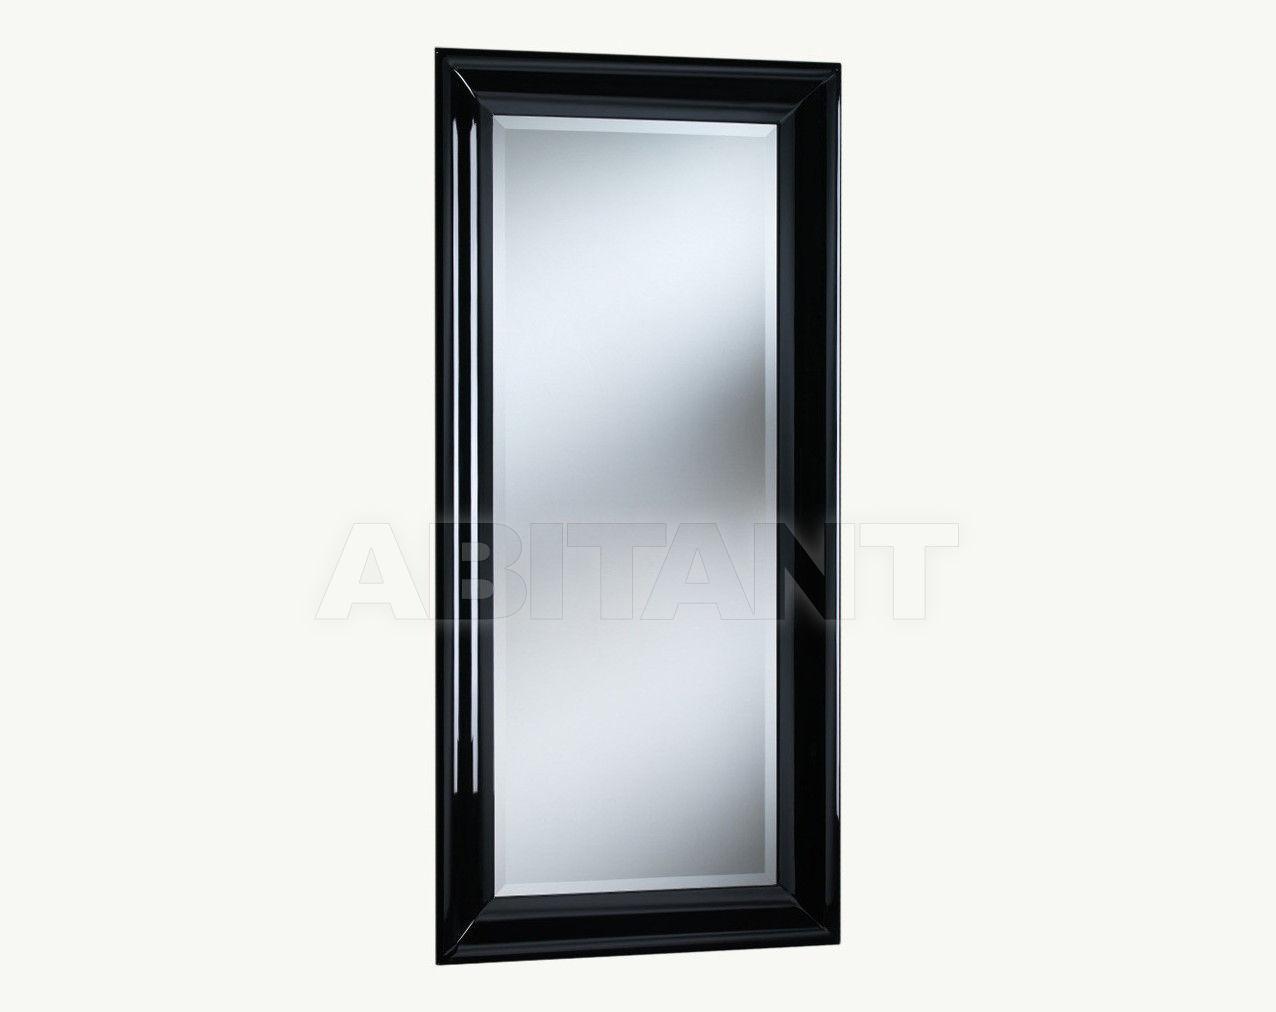 Купить Зеркало настенное Francesco Molon Eclectica Q505